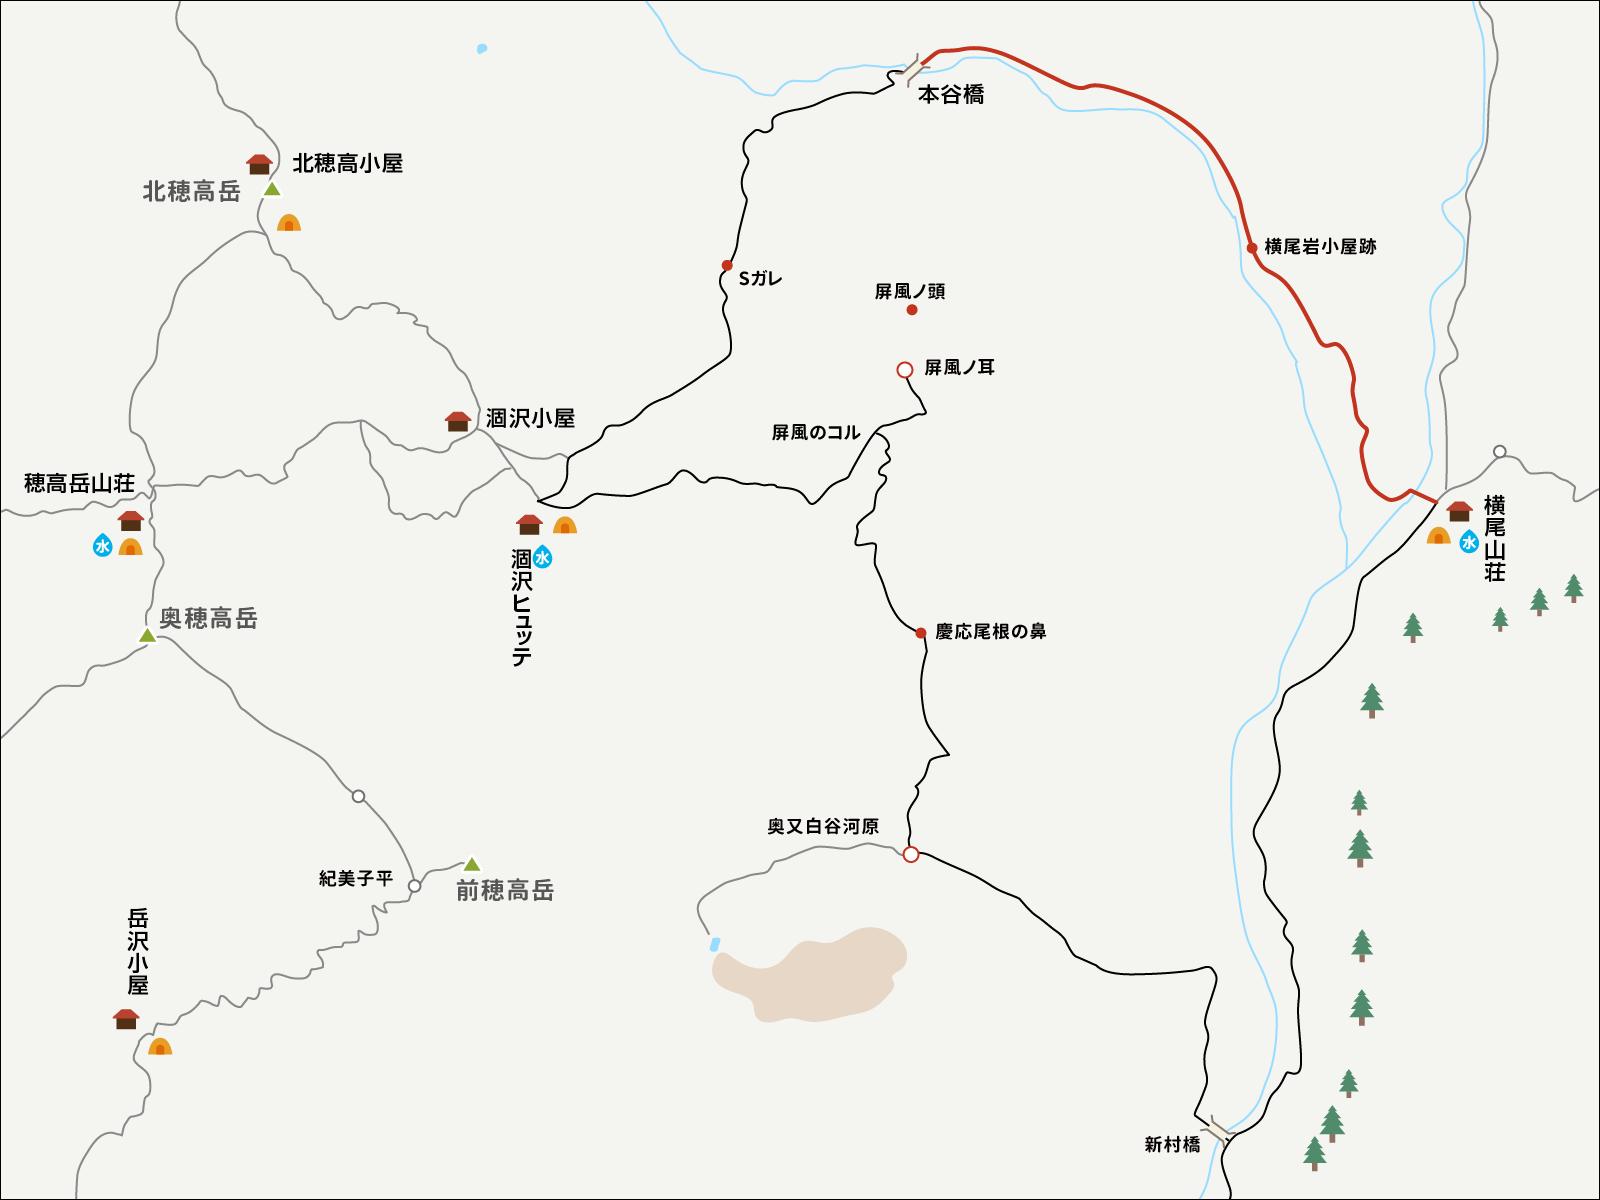 涸沢で単独テント泊&パノラマルート下山イラストマップ1